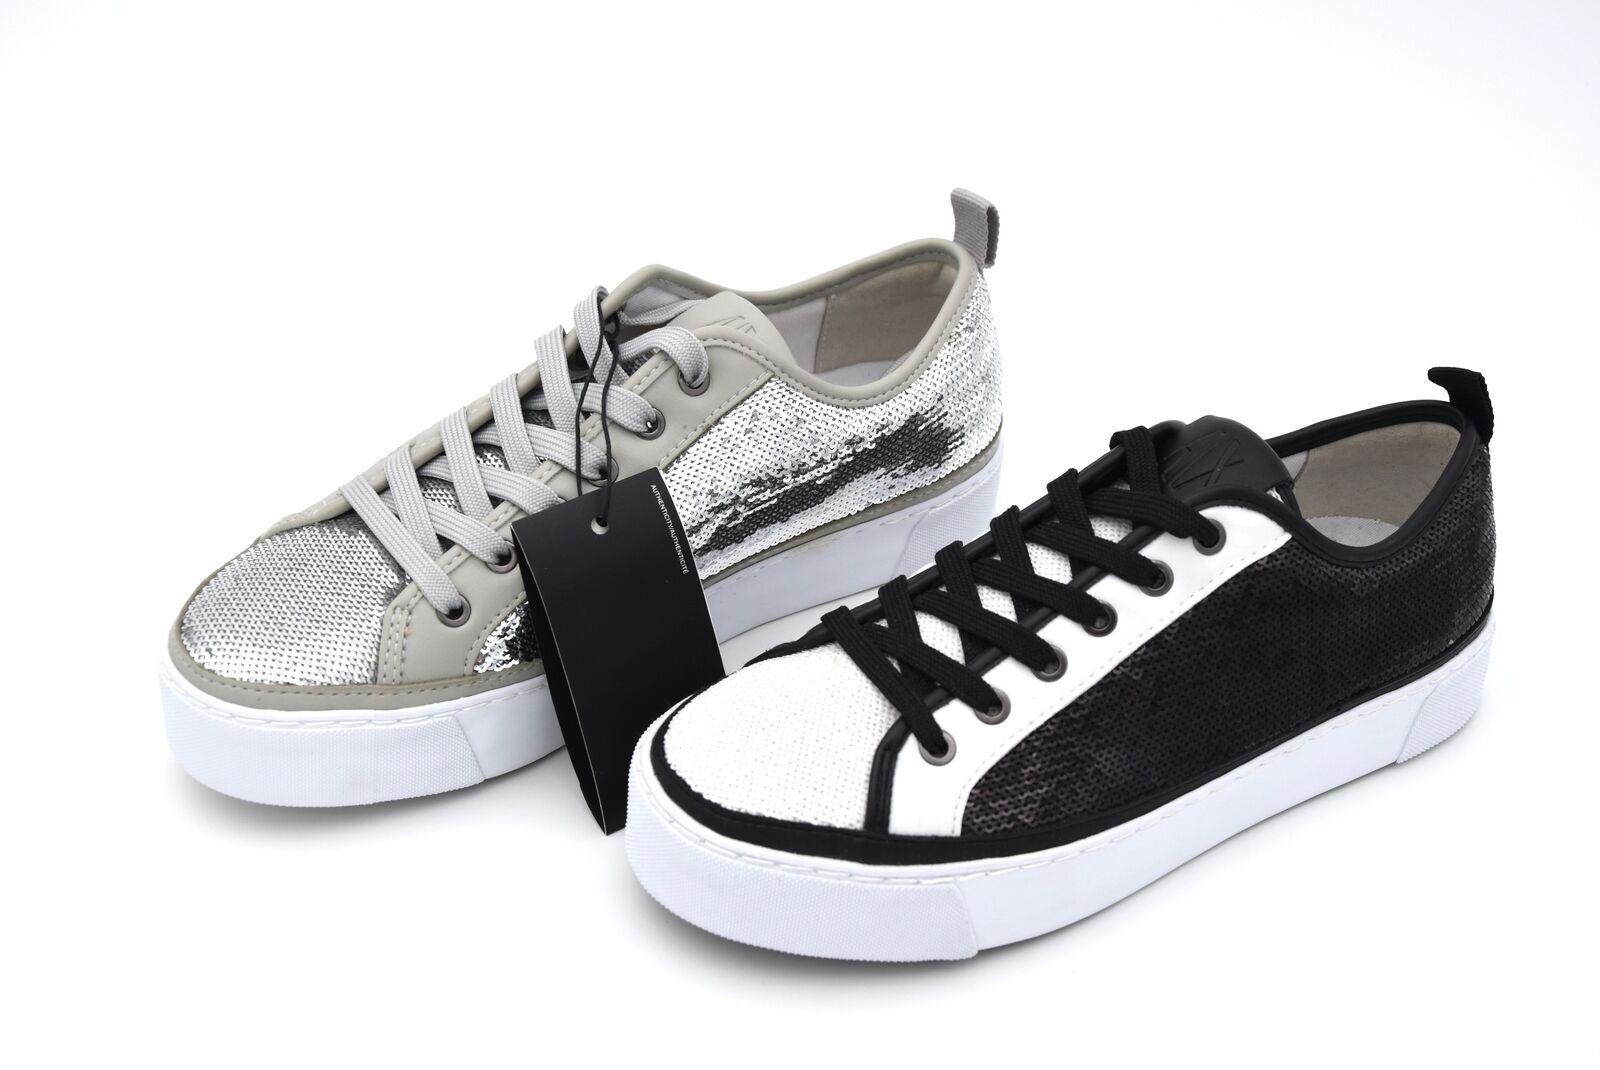 Armani Exchange Mujer Tiempo Libre Informal Tenis Zapatos código 945084 8P476